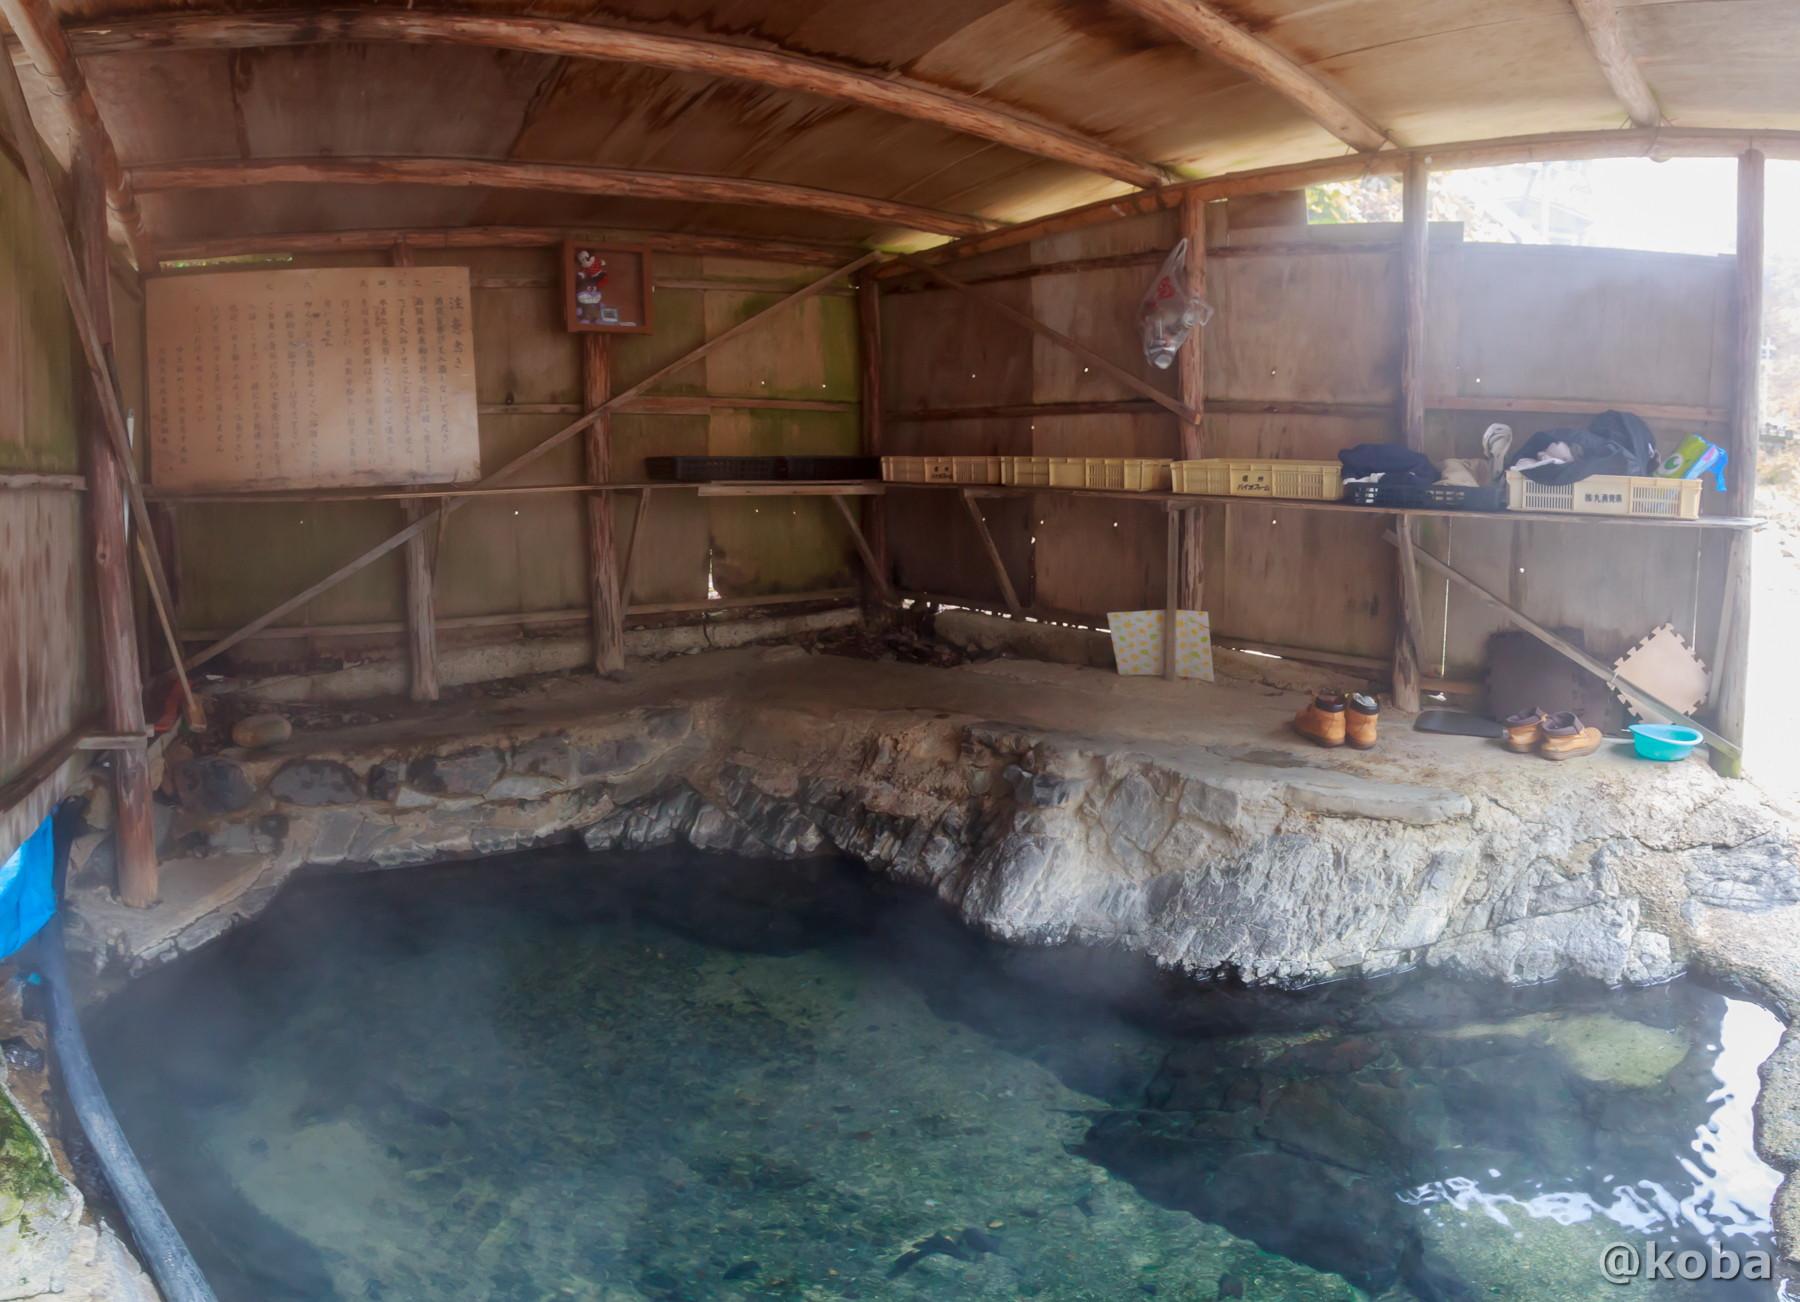 屋根付きのお風呂、内観全景の写真│尻焼温泉(しりやきおんせん)川の湯 日帰り入浴│群馬県 ブログ